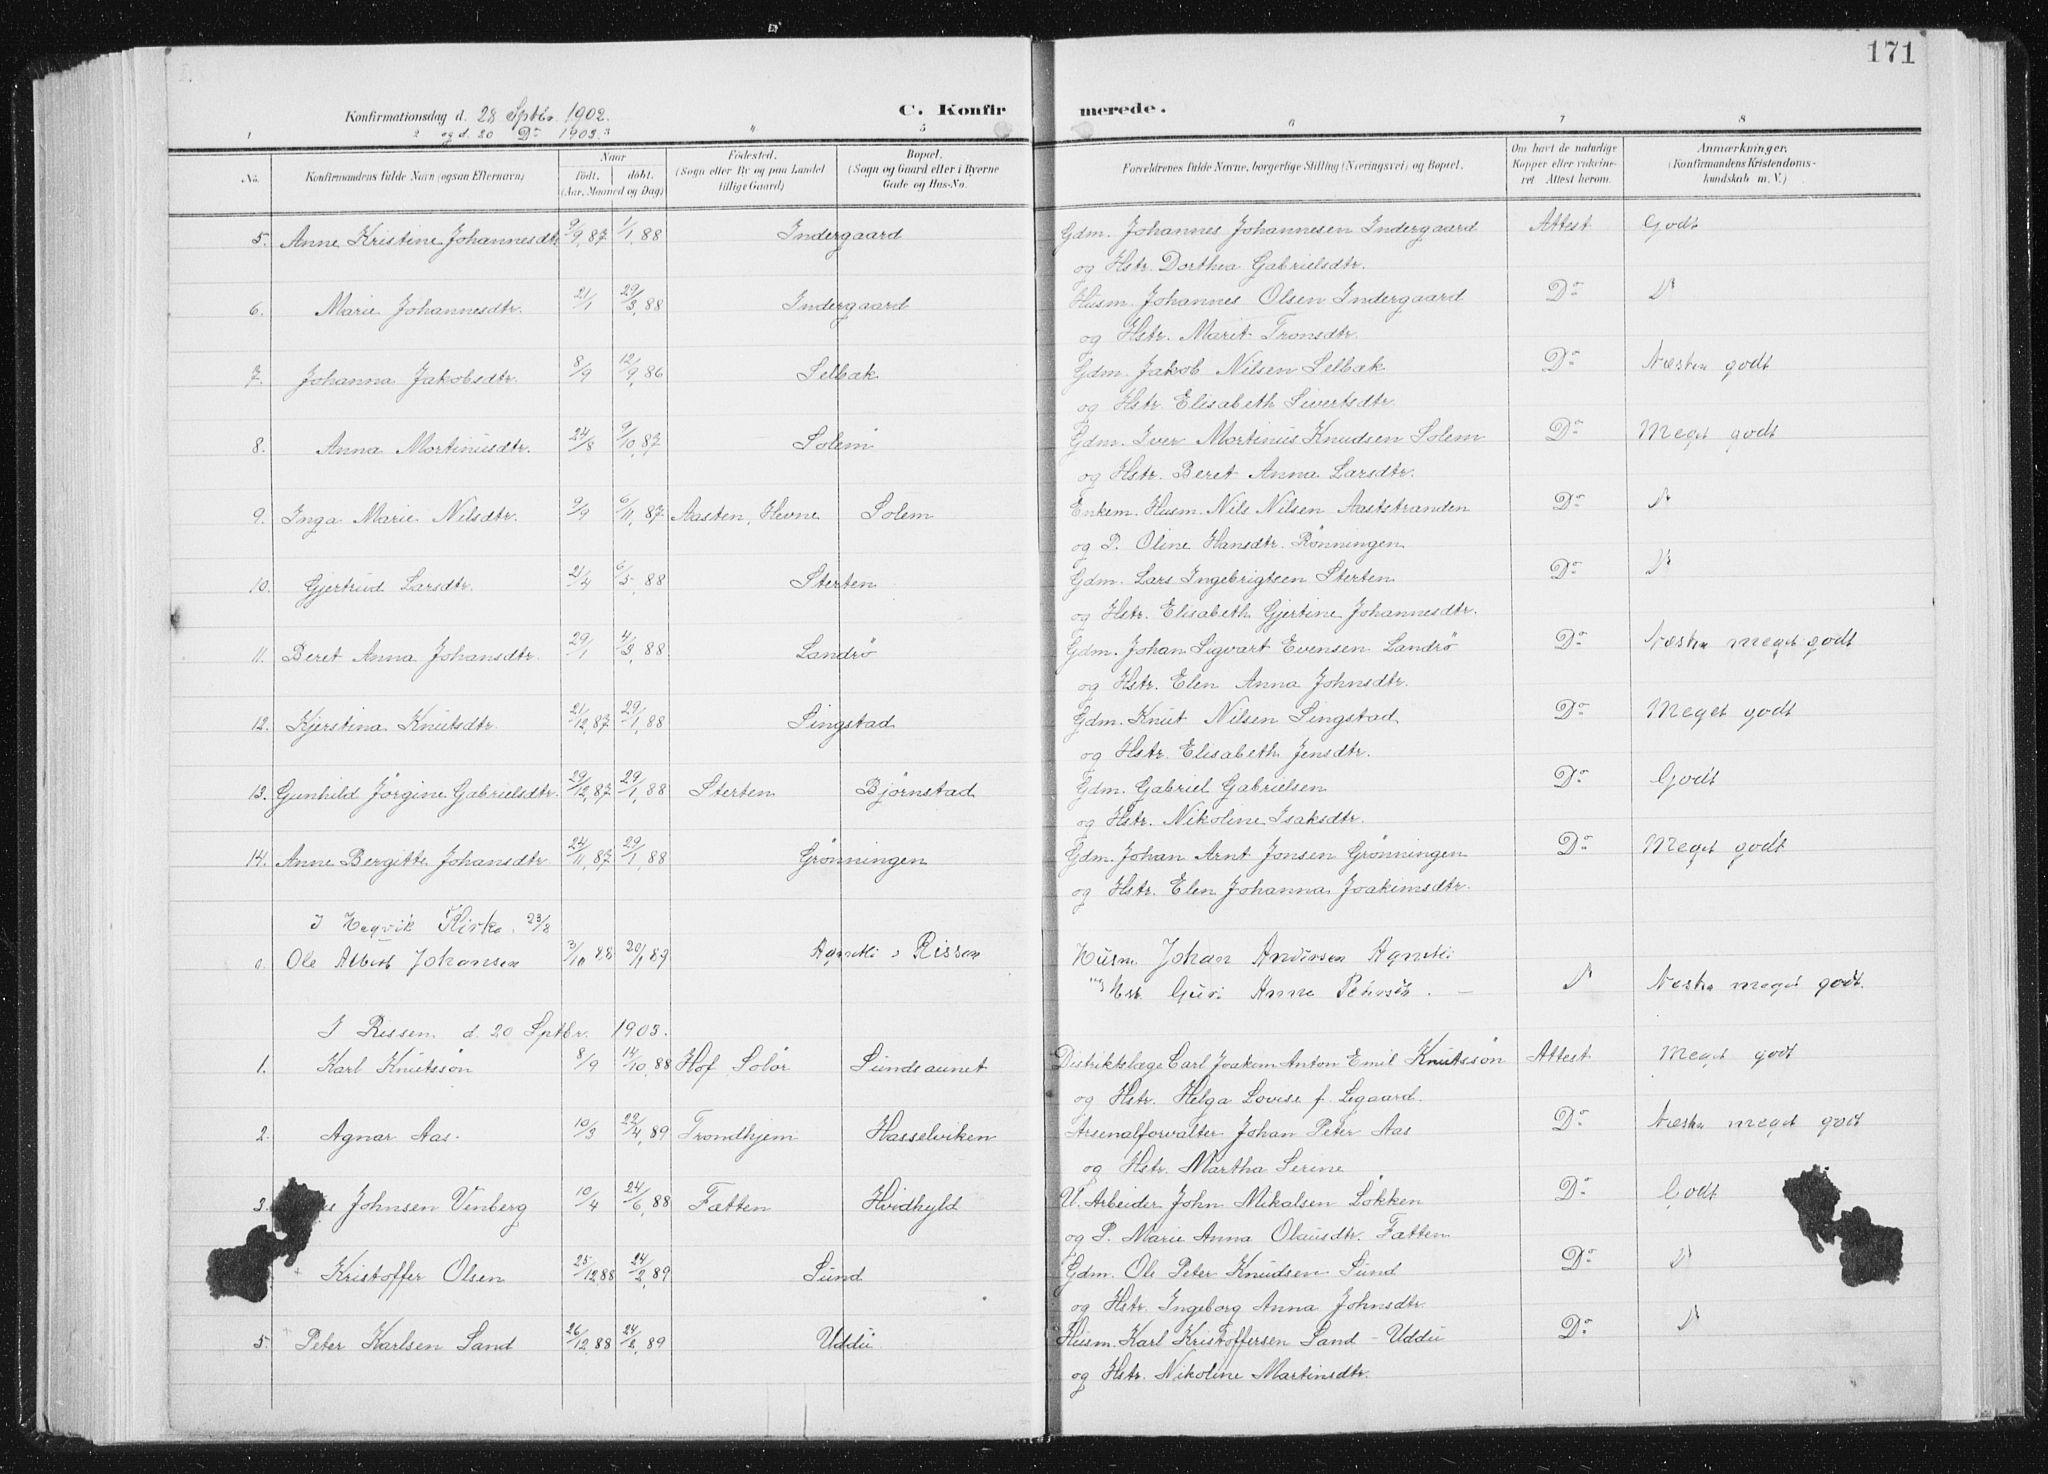 SAT, Ministerialprotokoller, klokkerbøker og fødselsregistre - Sør-Trøndelag, 647/L0635: Ministerialbok nr. 647A02, 1896-1911, s. 171